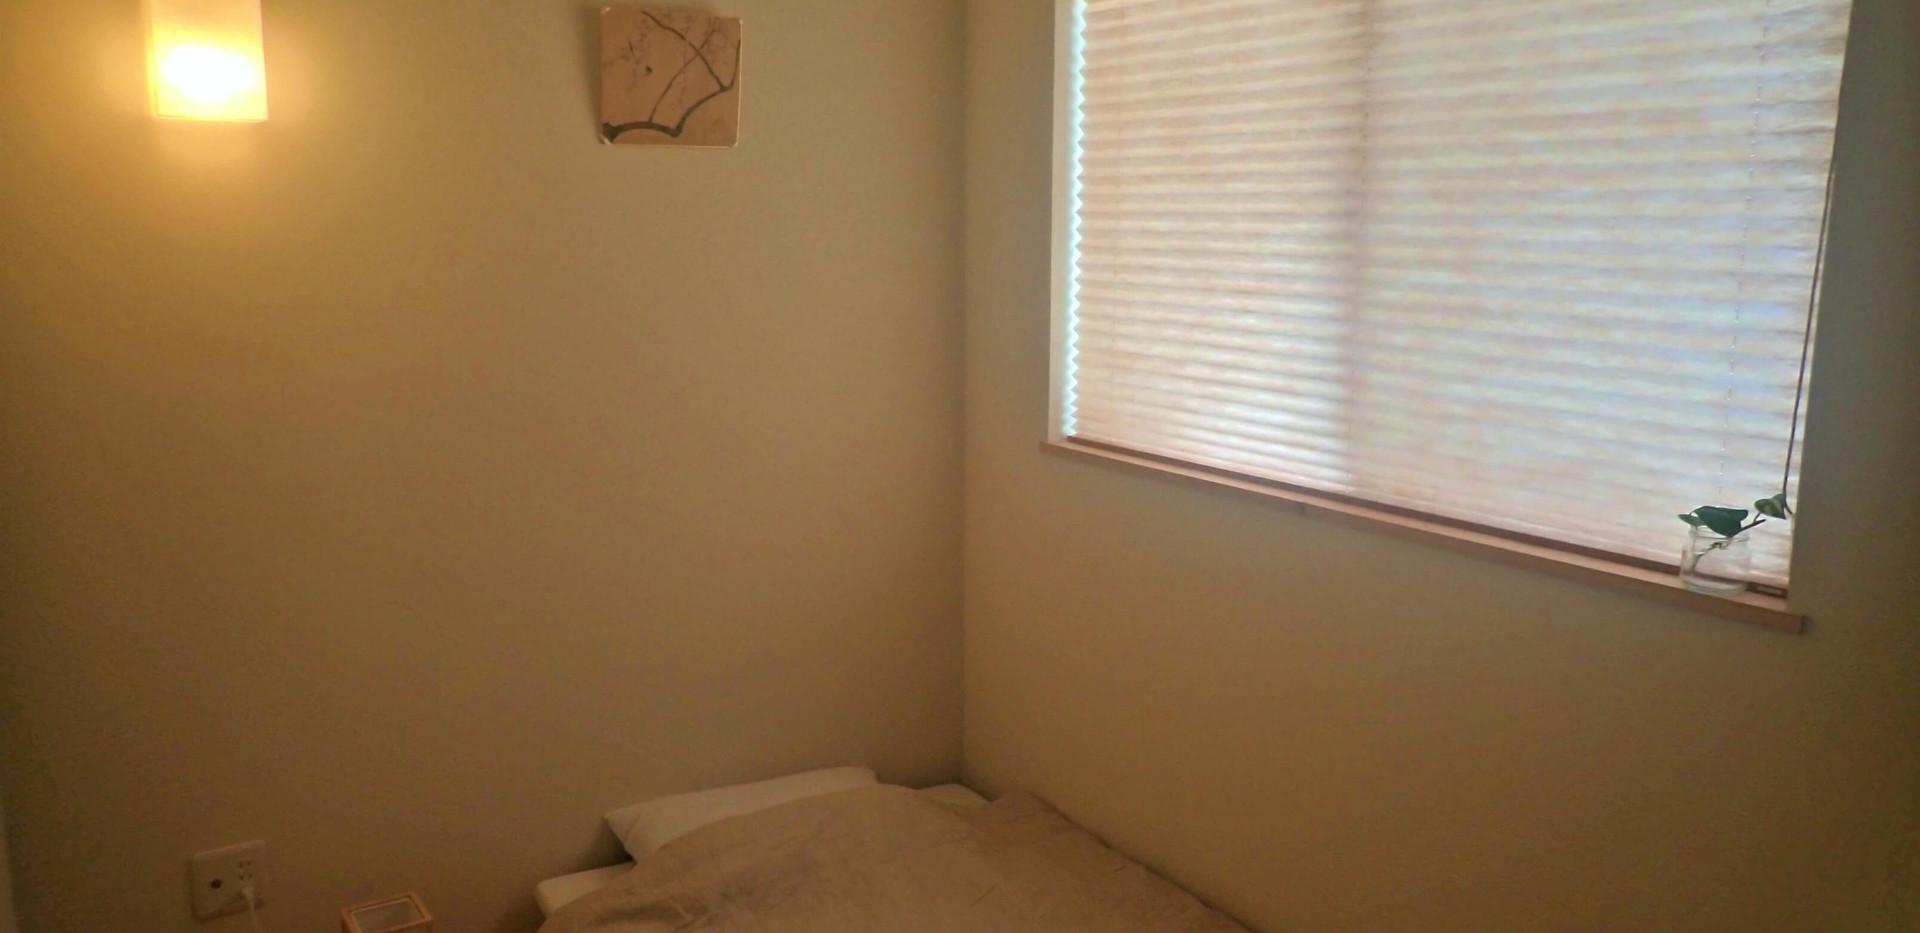 シングルルーム。3畳ほどのお部屋。4300円~ Single room (5.2 squre meter) 4300yen~